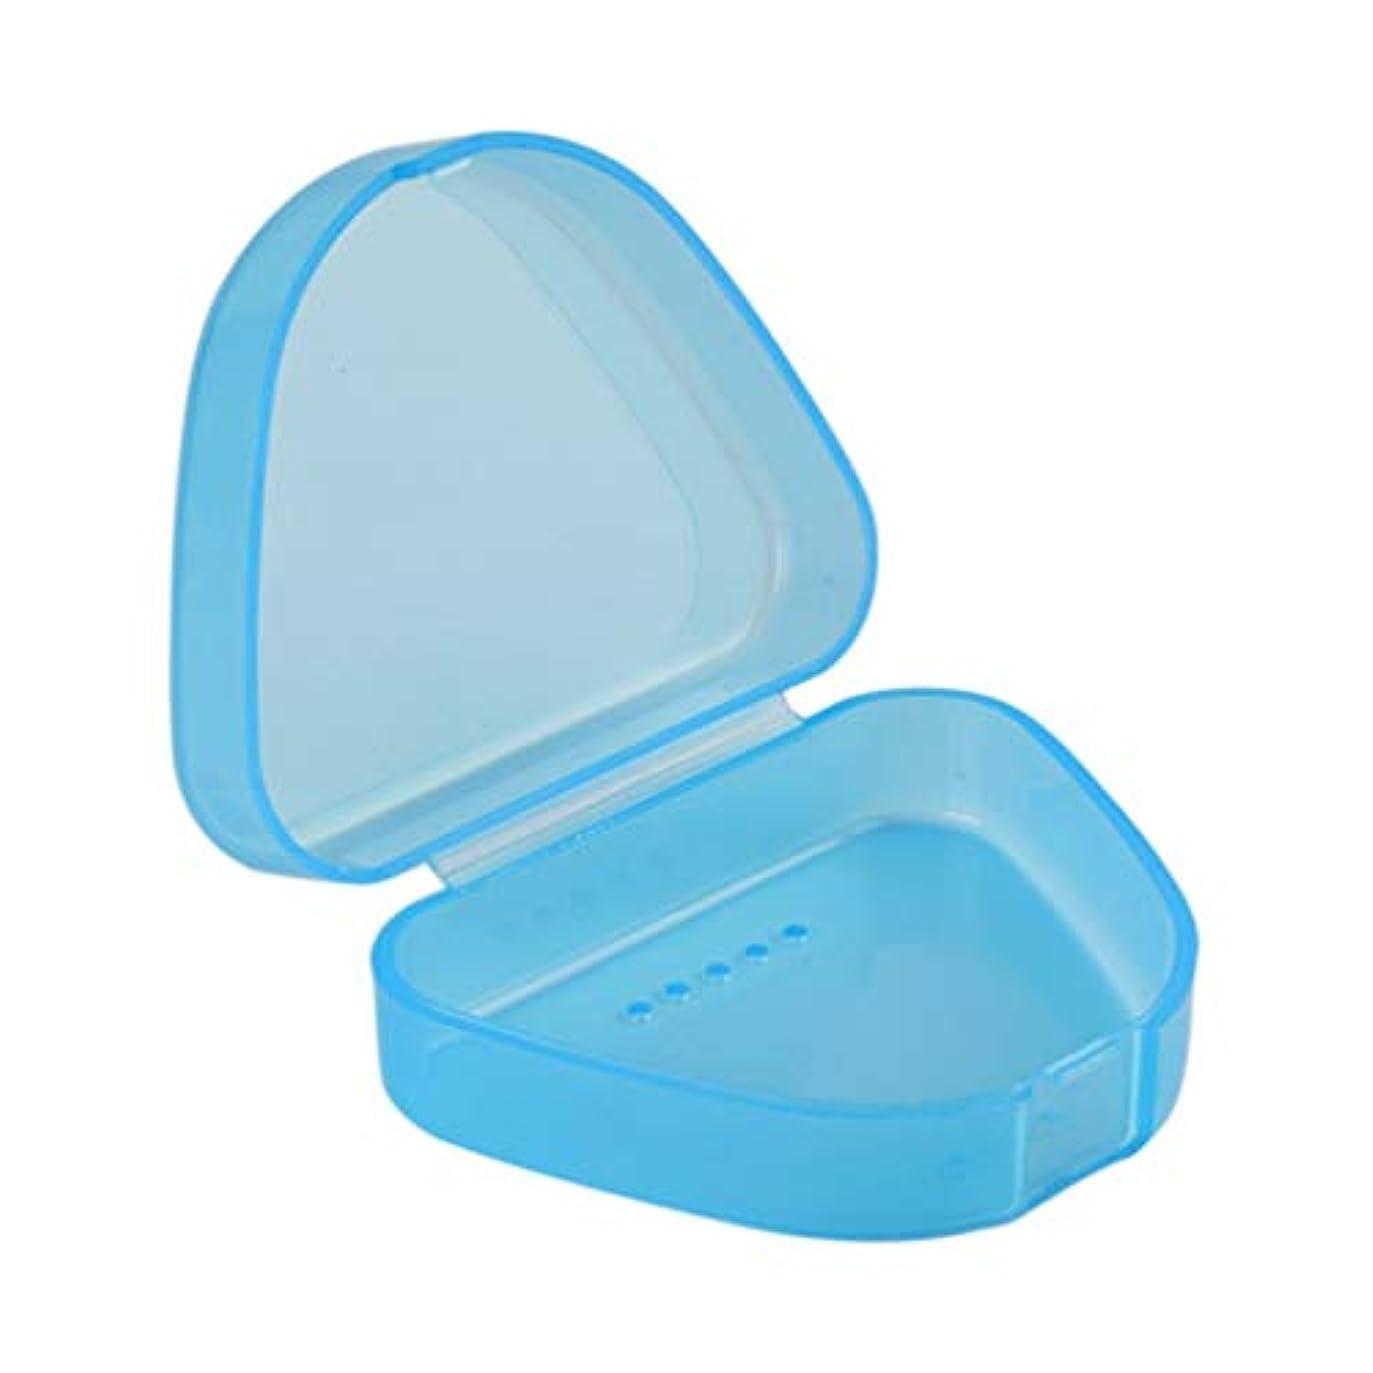 埋め込むベンチオーラルdailymall リテーナーボックス 義歯収納容器 入れ歯ケース プラスチック製 携帯用 全3色 - ブルー01